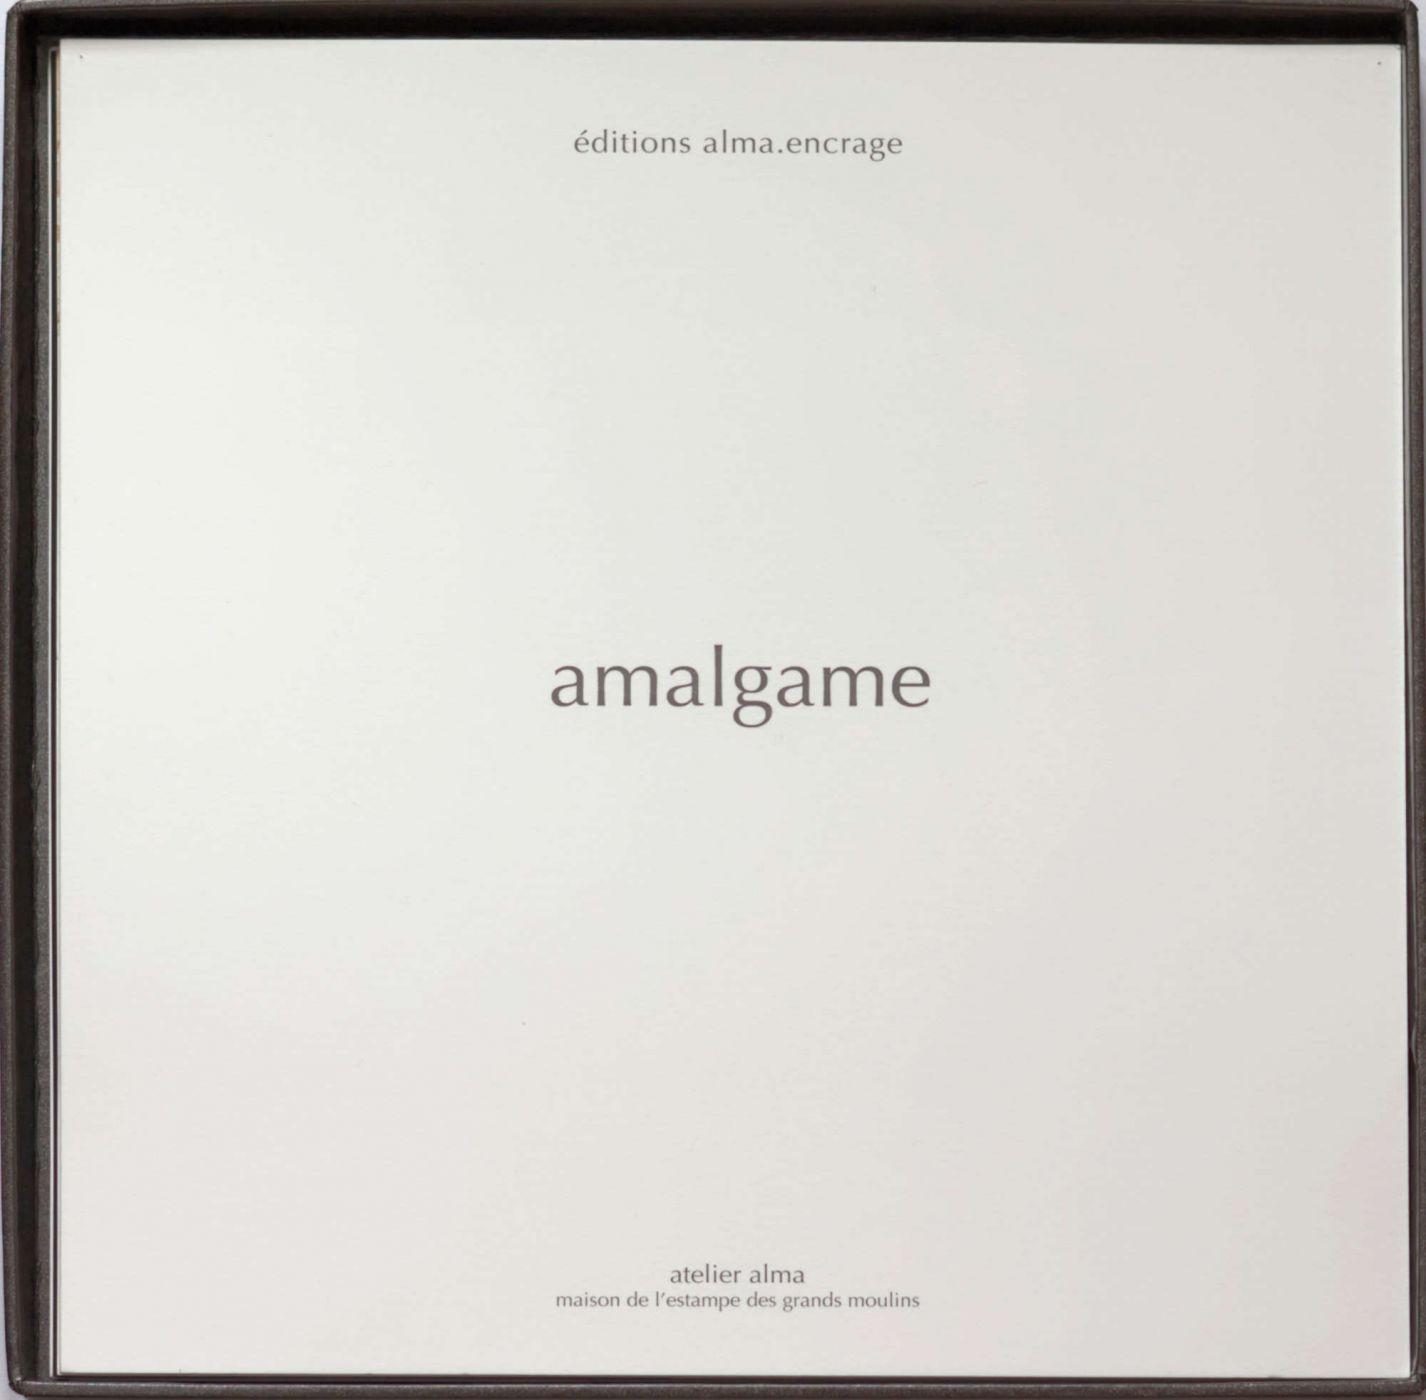 2018 amalgame 02